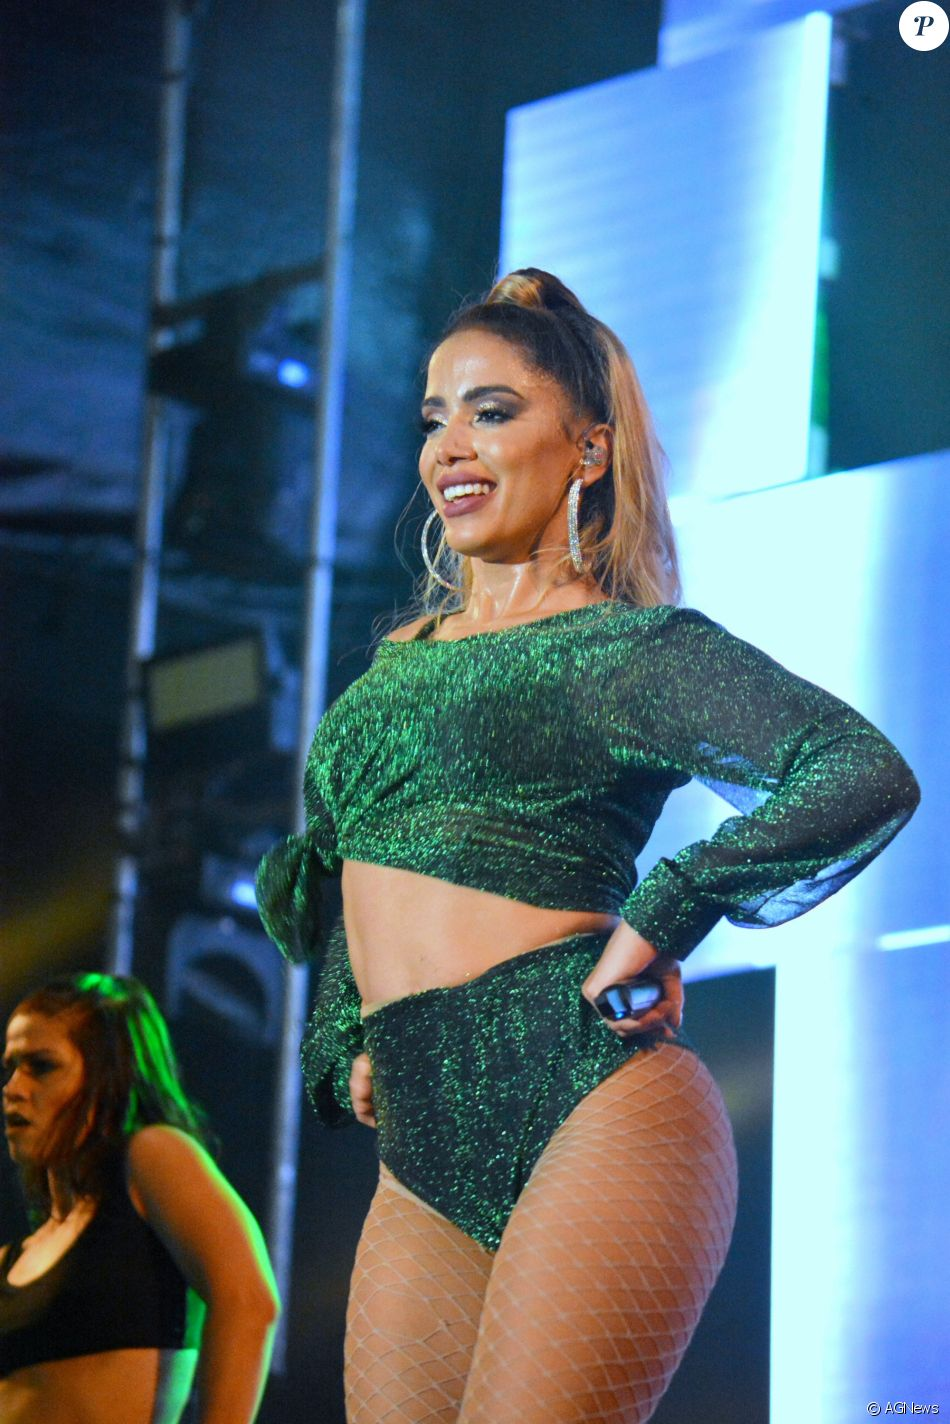 Anitta ganhou cachê de R$ 300 mil de marca de cosméticos adotar cabelo loiro, diz a coluna 'Olá', do jornal 'Agora São Paulo', neste sábado, 13 de janeiro de 2018